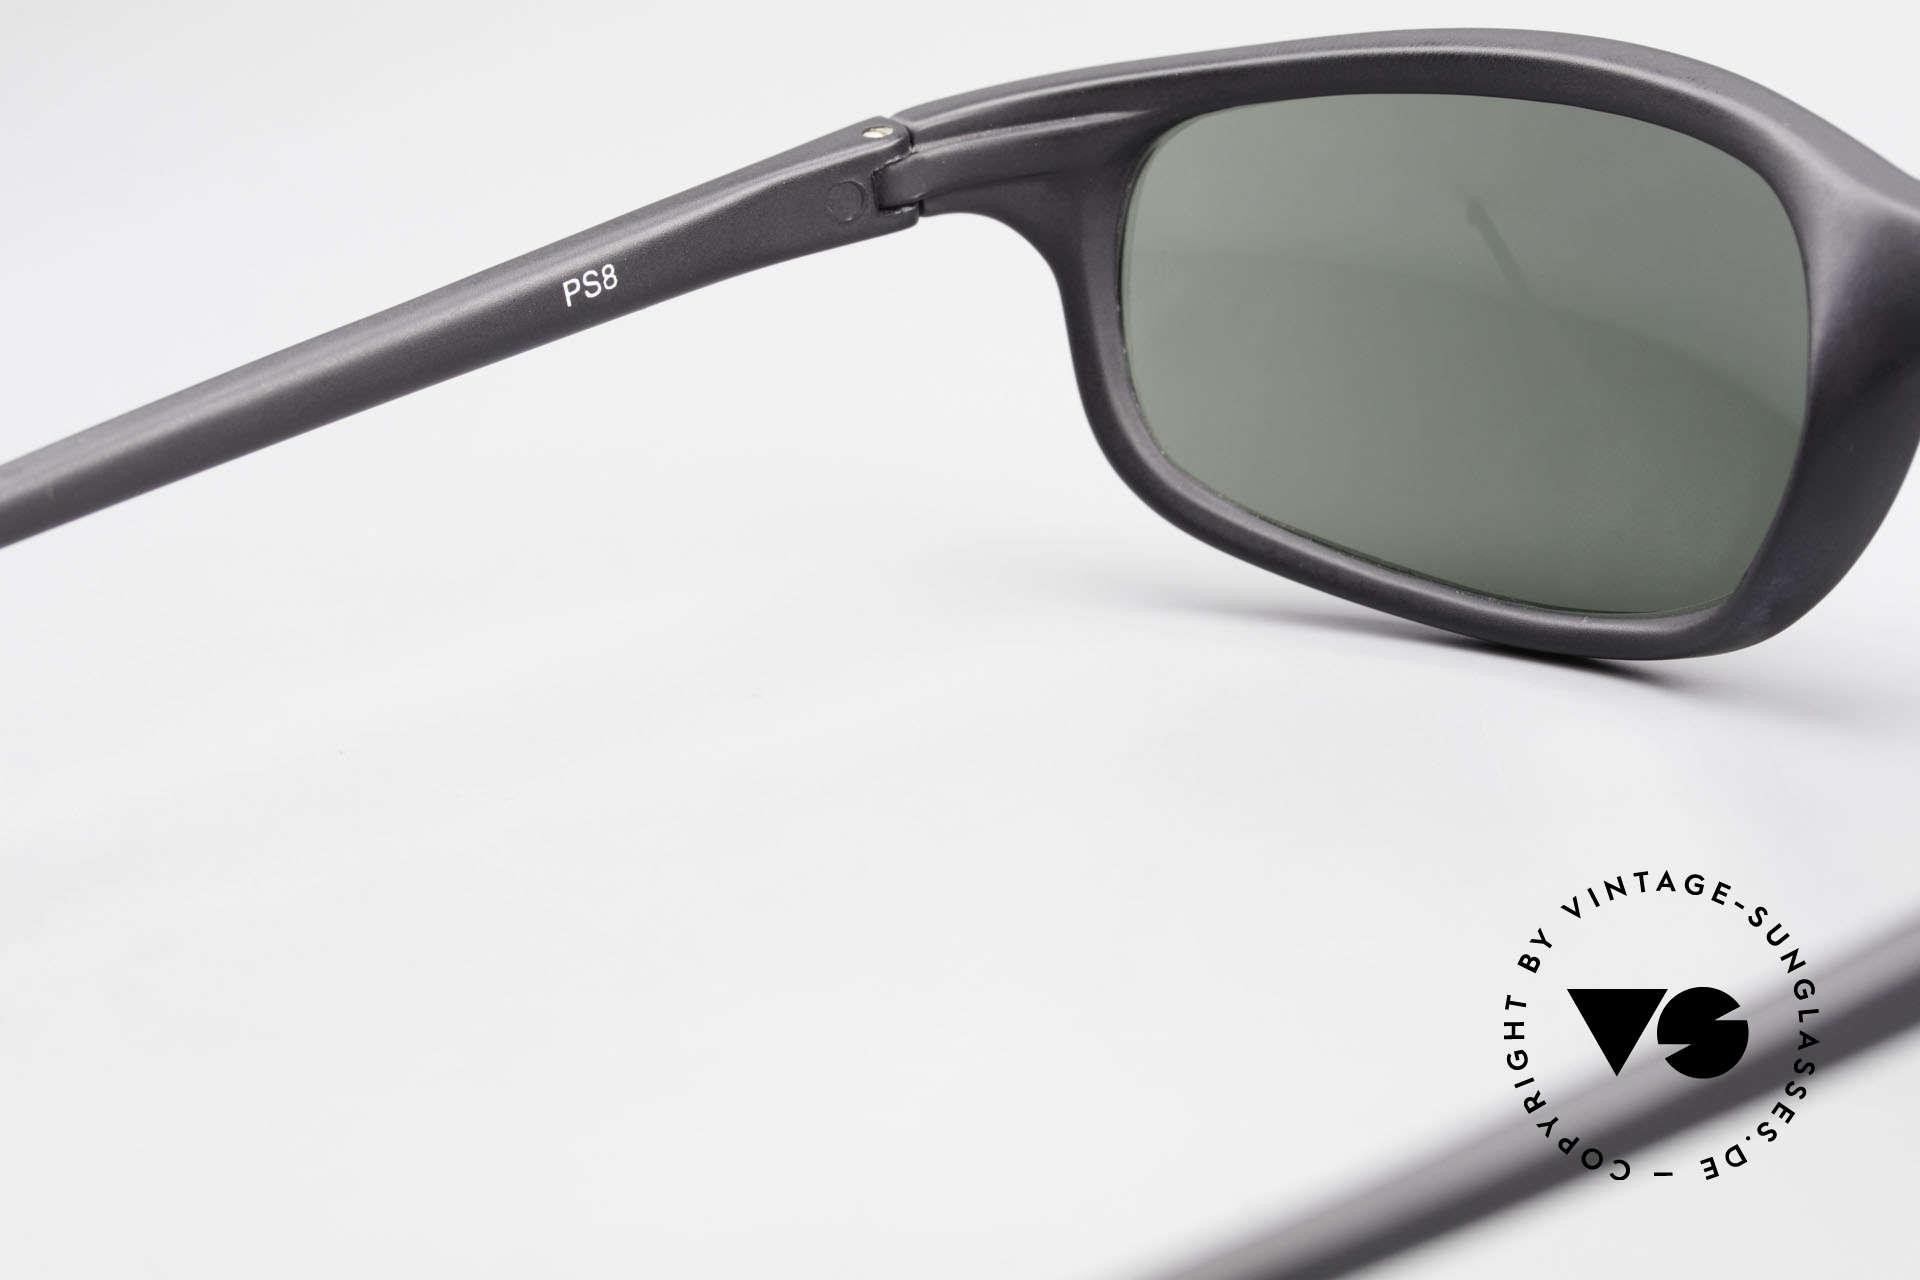 Ray Ban Predator 8 Sporty B&L USA Sunglasses, NO RETRO SHADES, but an old USA ORIGINAL!, Made for Men